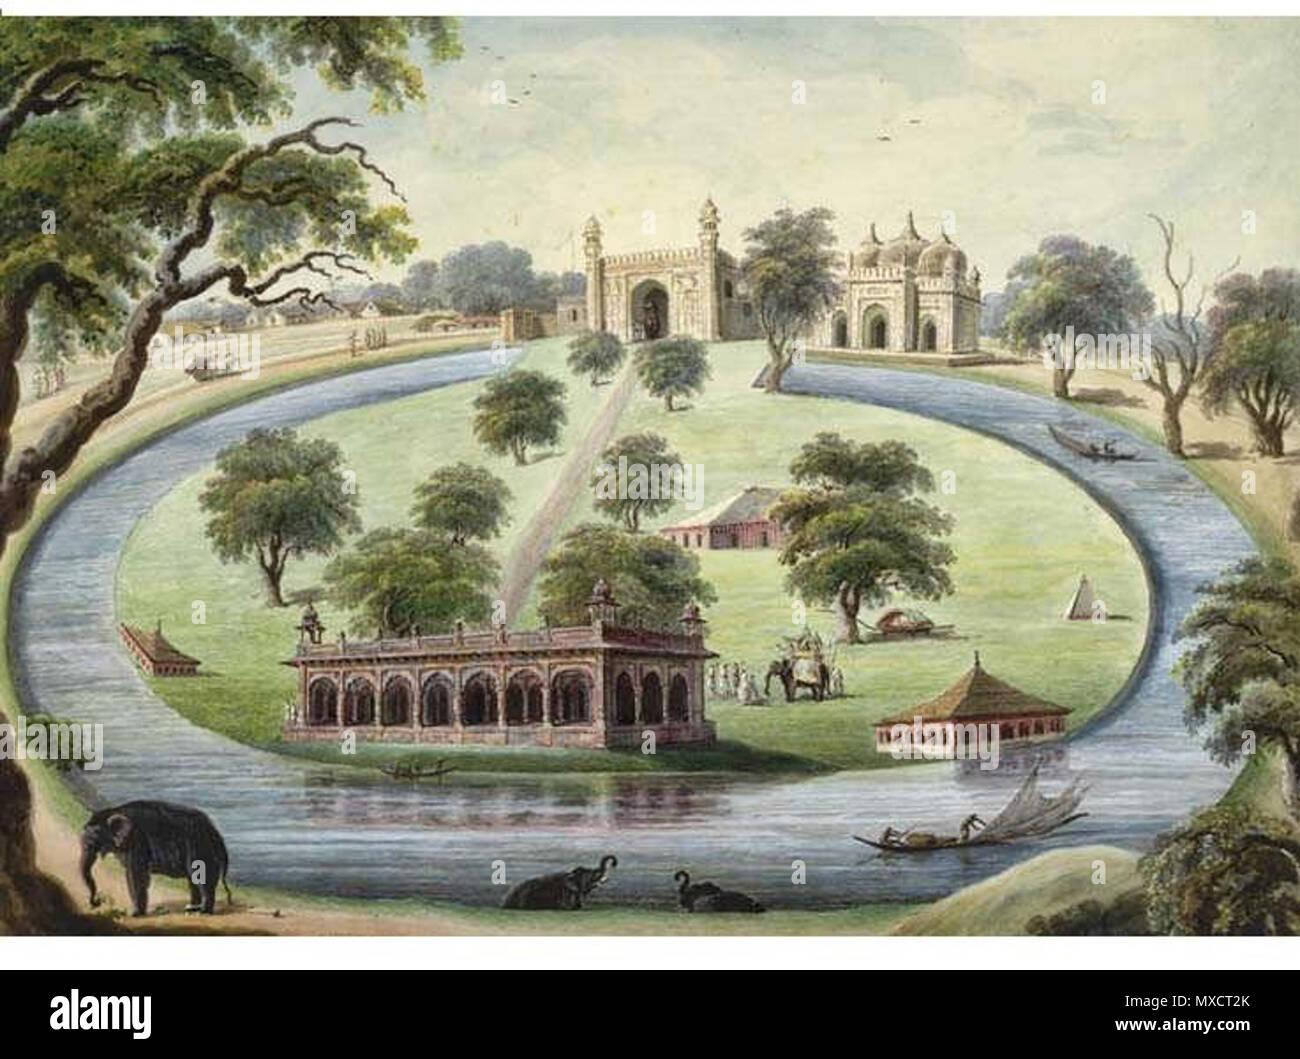 . Englisch: ein Panoramablick auf die Malerei der Maotijhil Palace, See, Moscheen und Grabstätten. (Unbekannt). (Unbekannt) 427 Moti jheel Palace 2 Stockbild